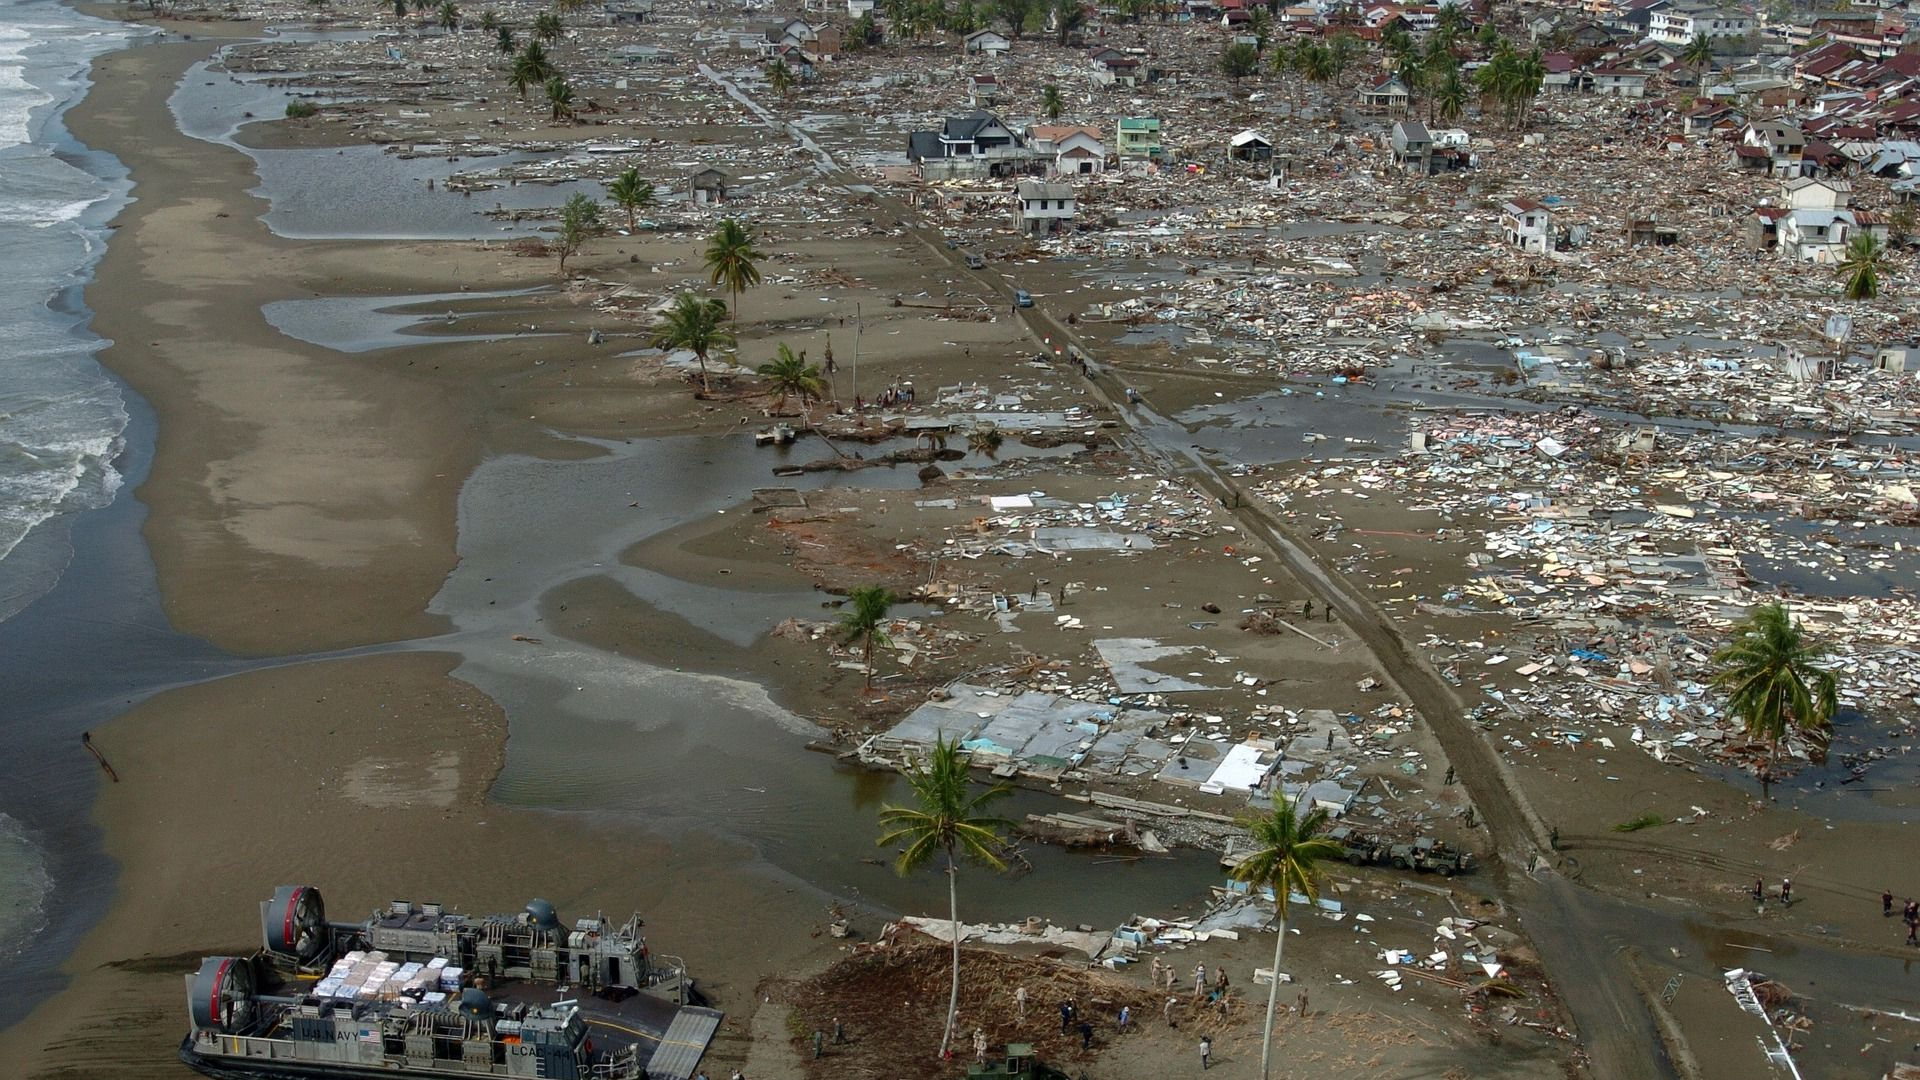 Es una disciplina que sistematiza el uso de la tecnología para prevenir desastres (Foto Pixabay)